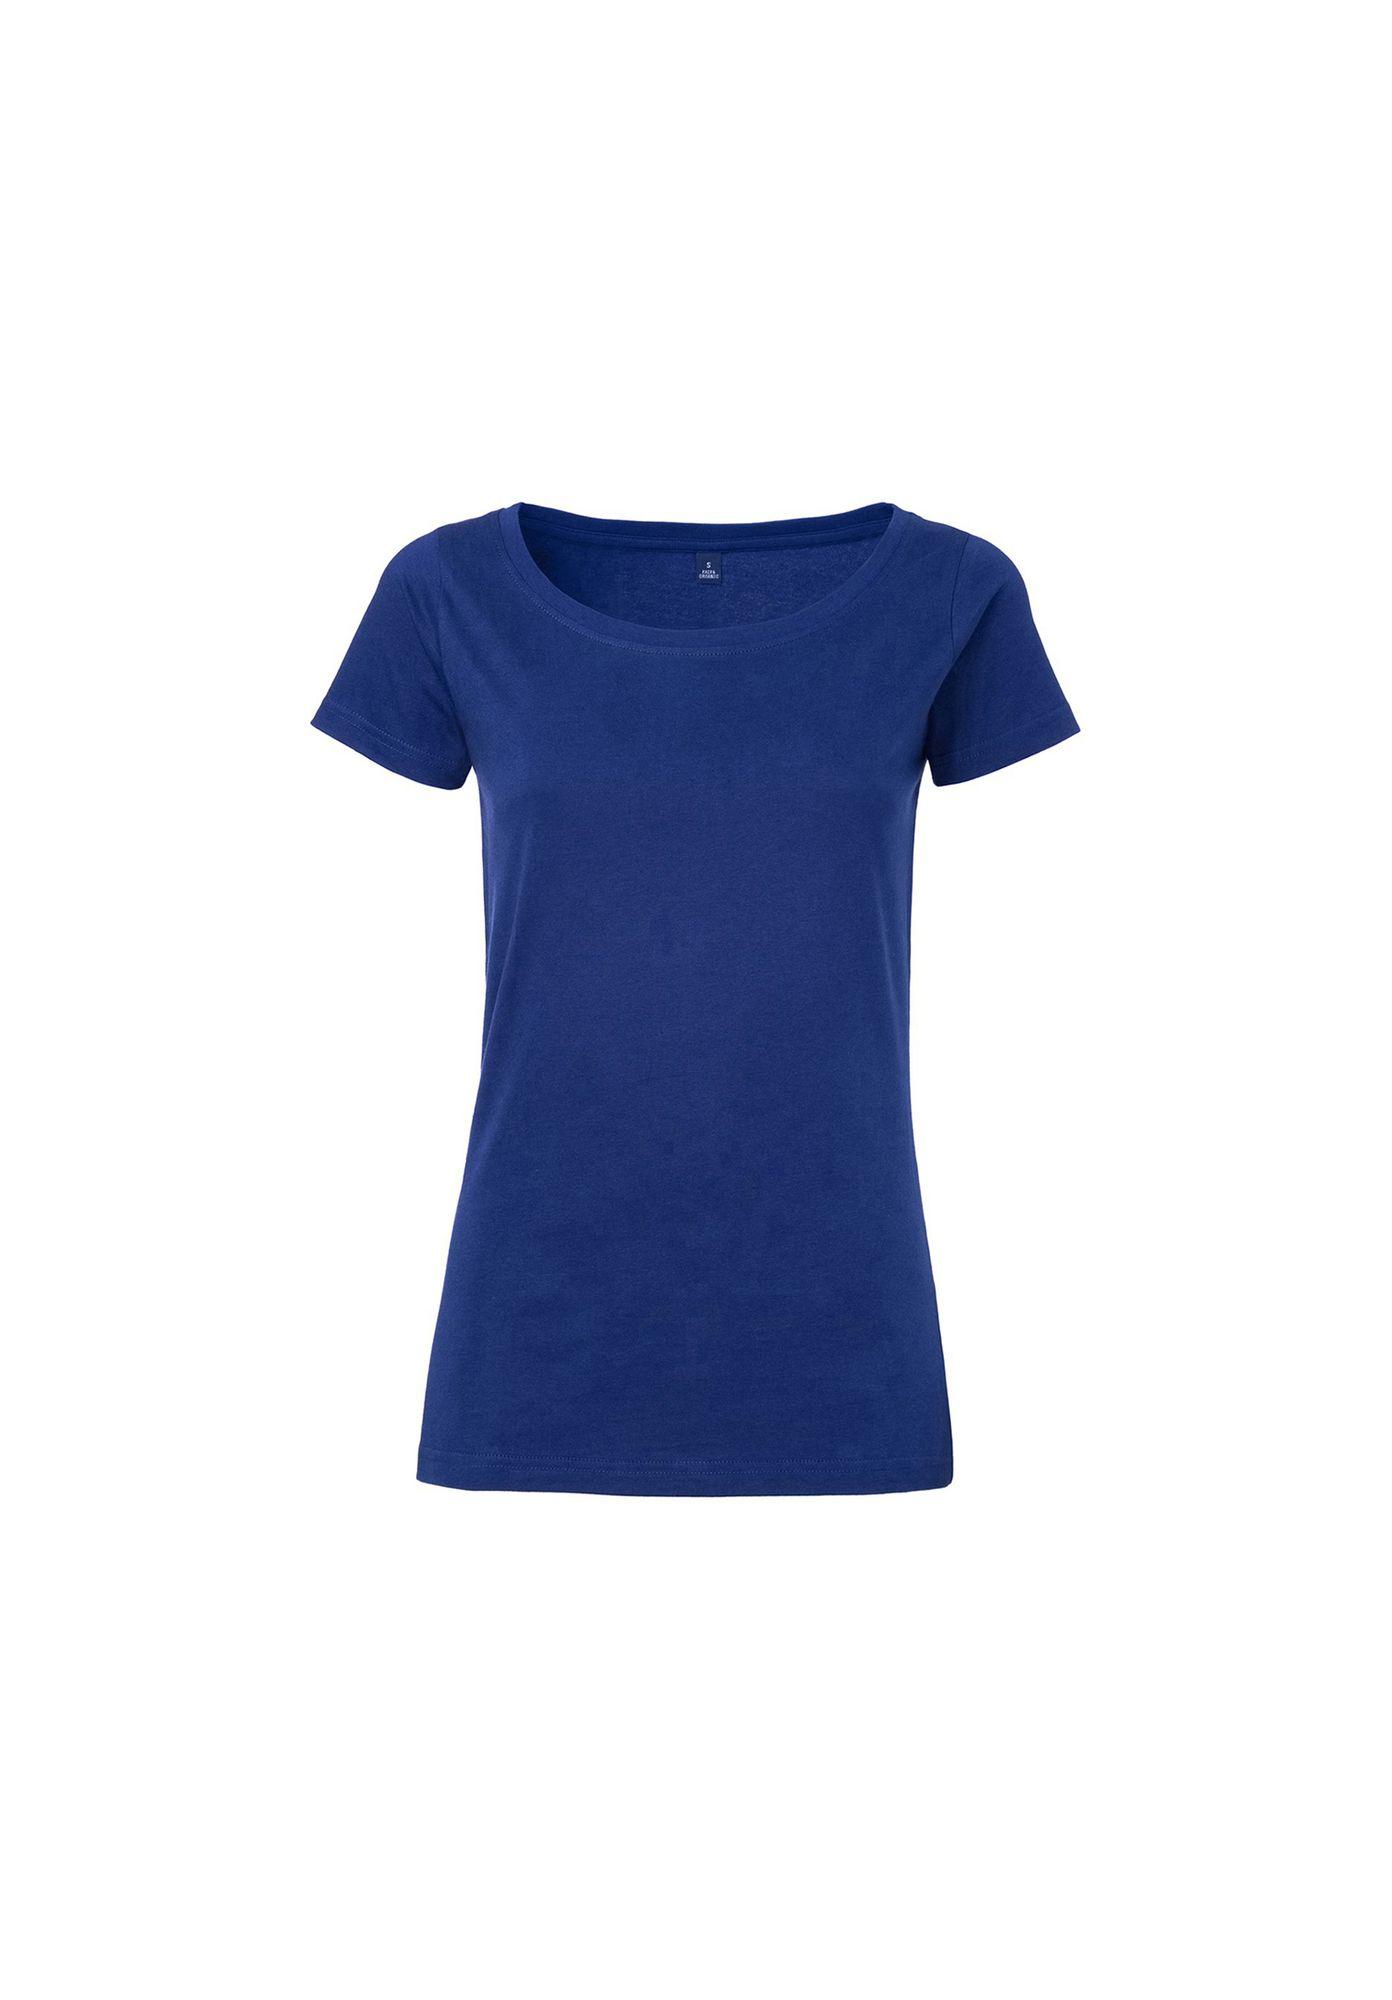 BTD02 T-Shirt Blueprint